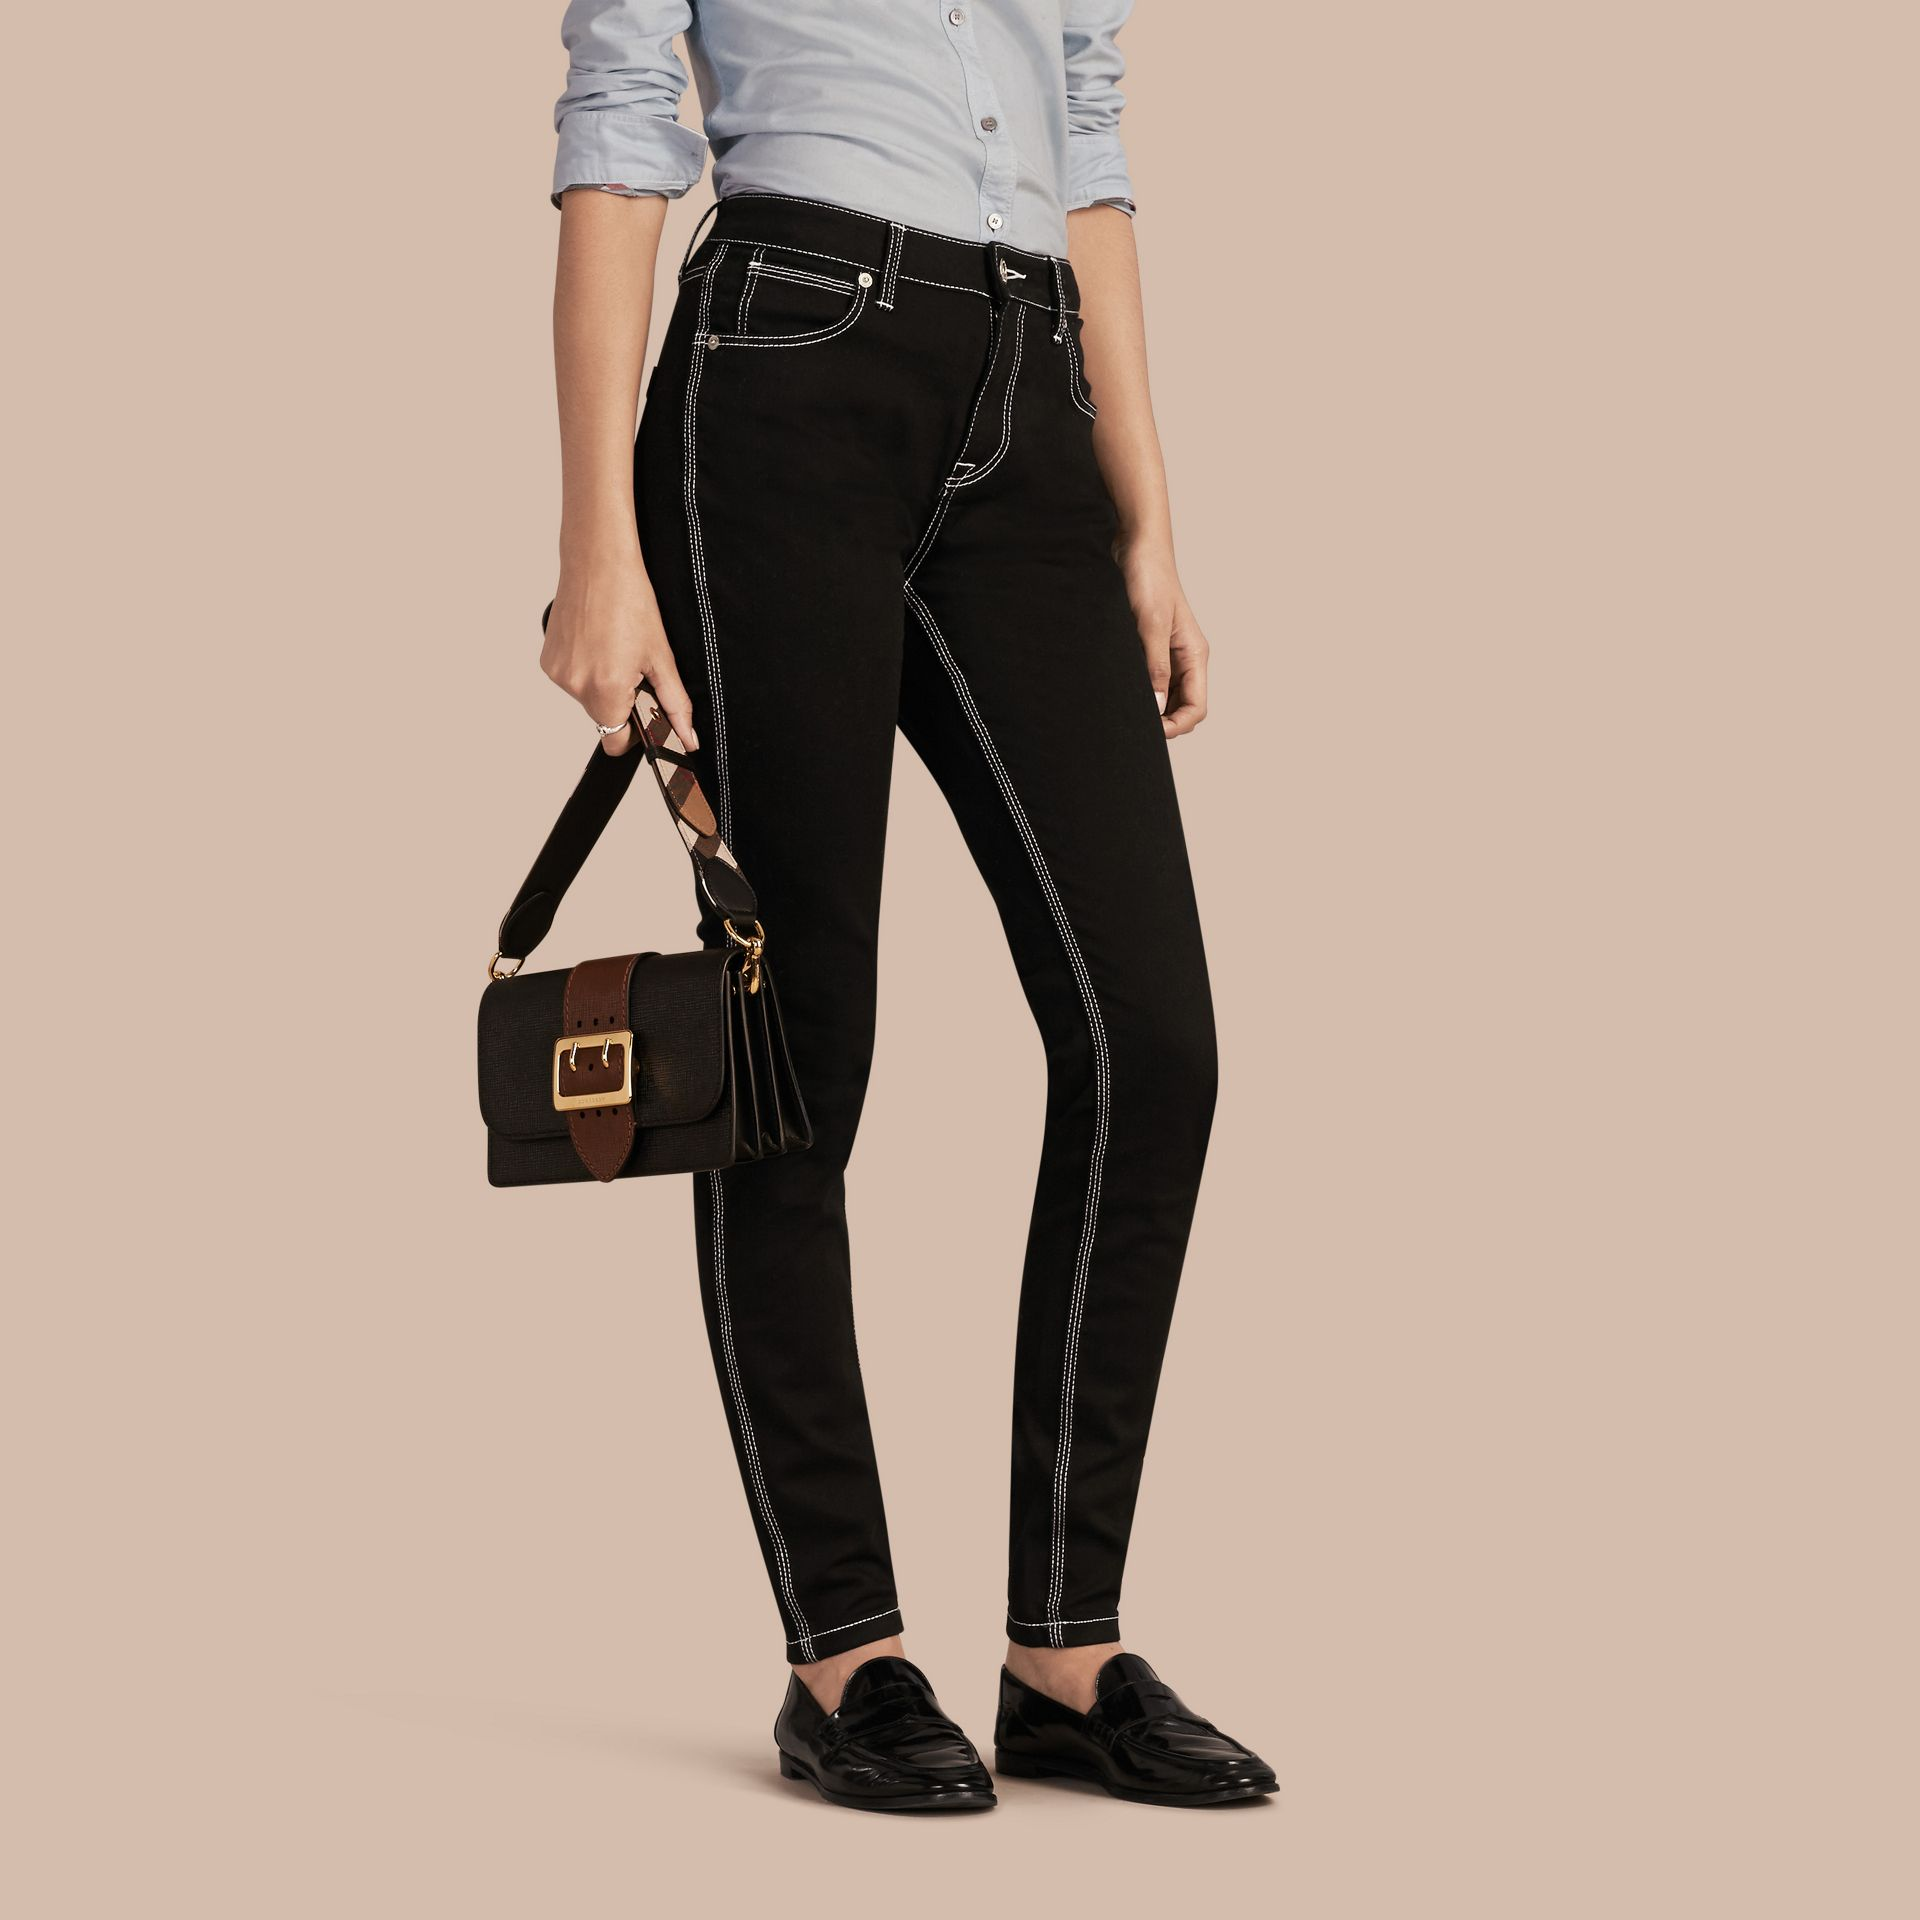 Nero Jeans stretch attillati con impunture a contrasto - immagine della galleria 1